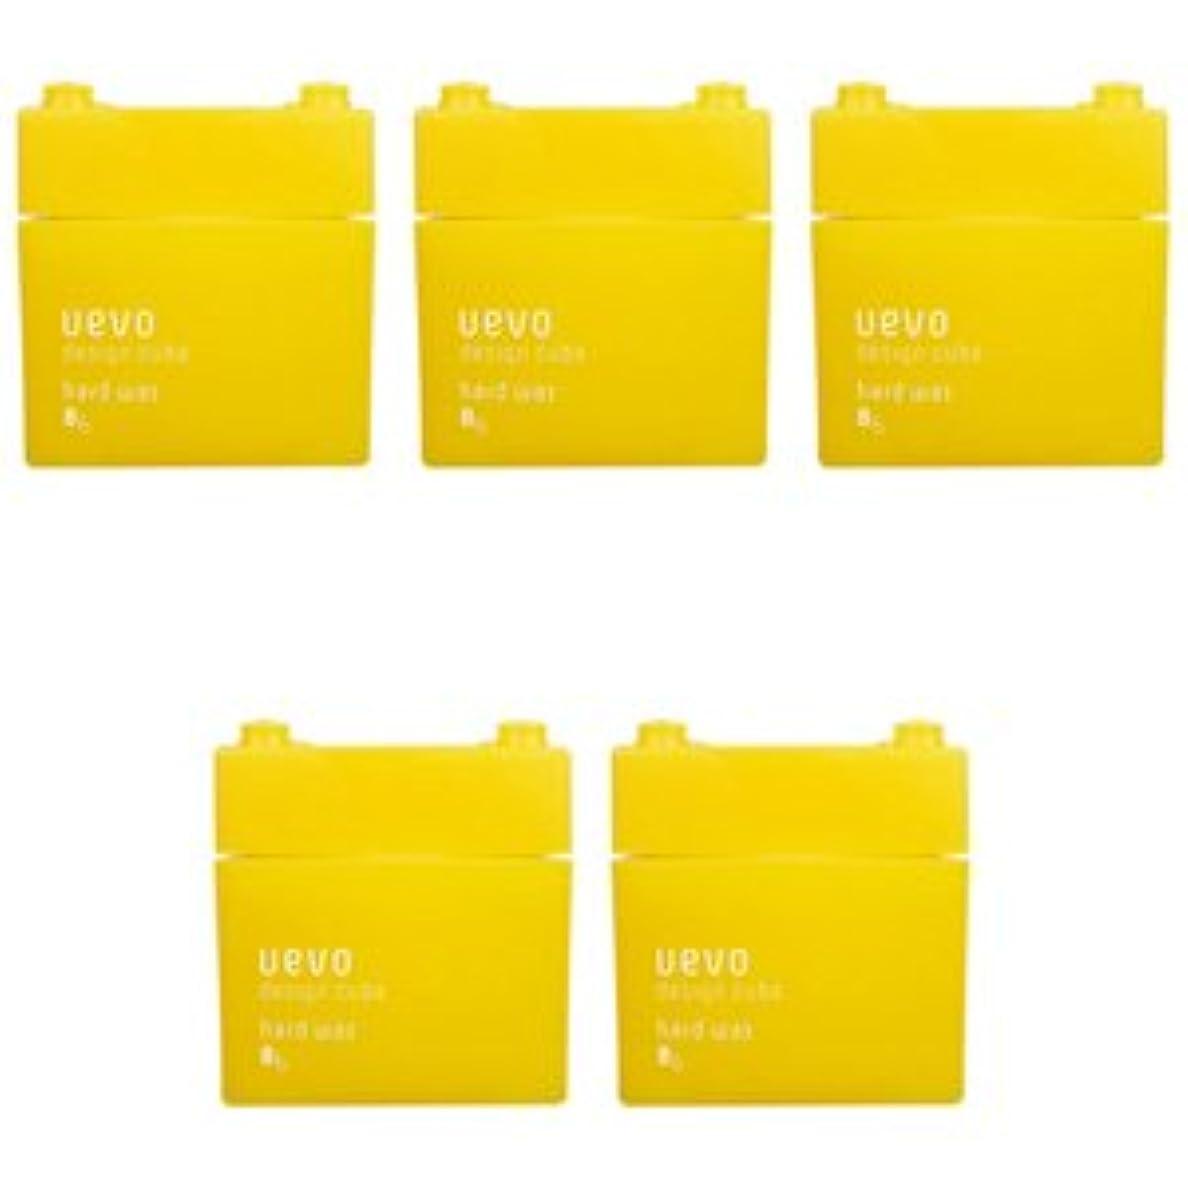 同種のチャンピオン光の【X5個セット】 デミ ウェーボ デザインキューブ ハードワックス 80g hard wax DEMI uevo design cube